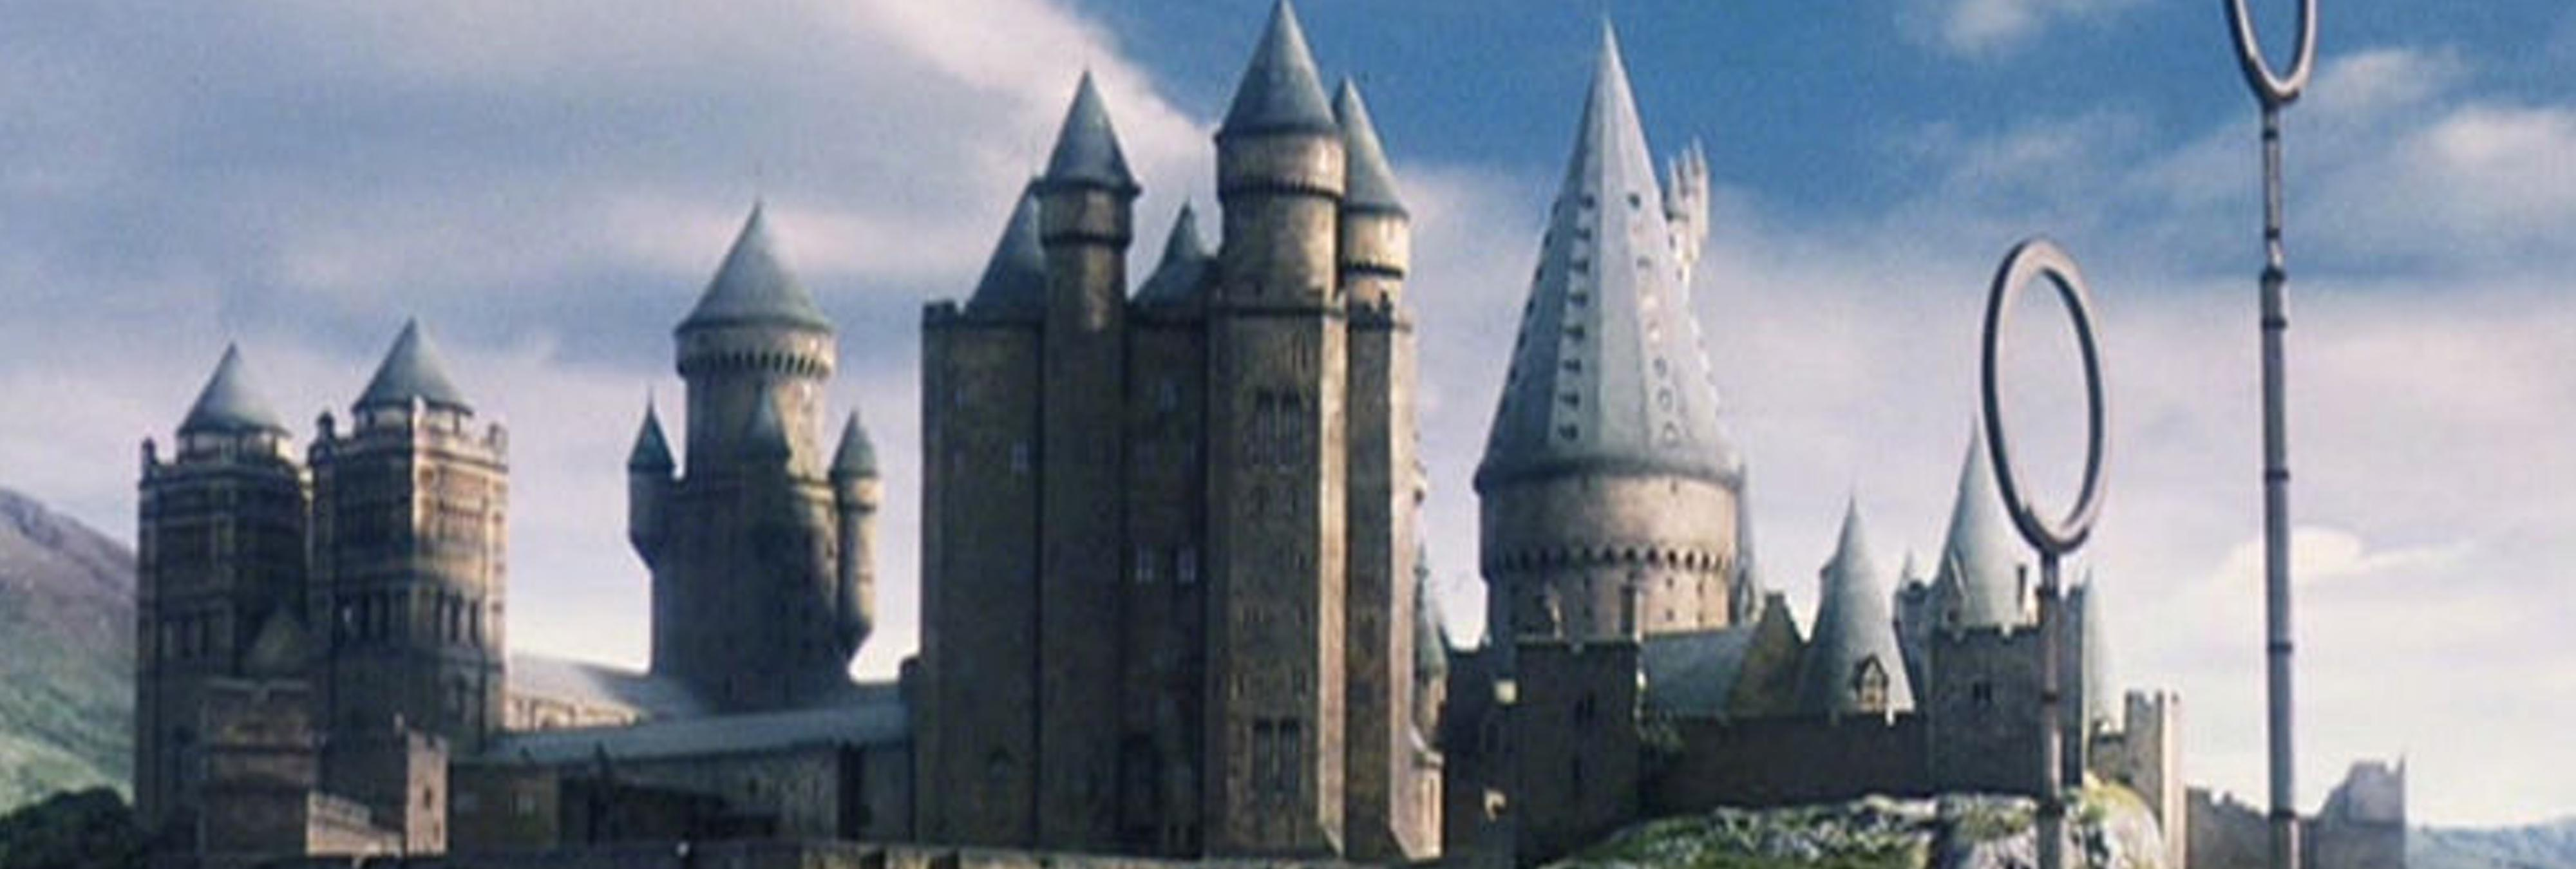 Matilda podría pertenecer al universo de Harry Potter: aquí están las pruebas